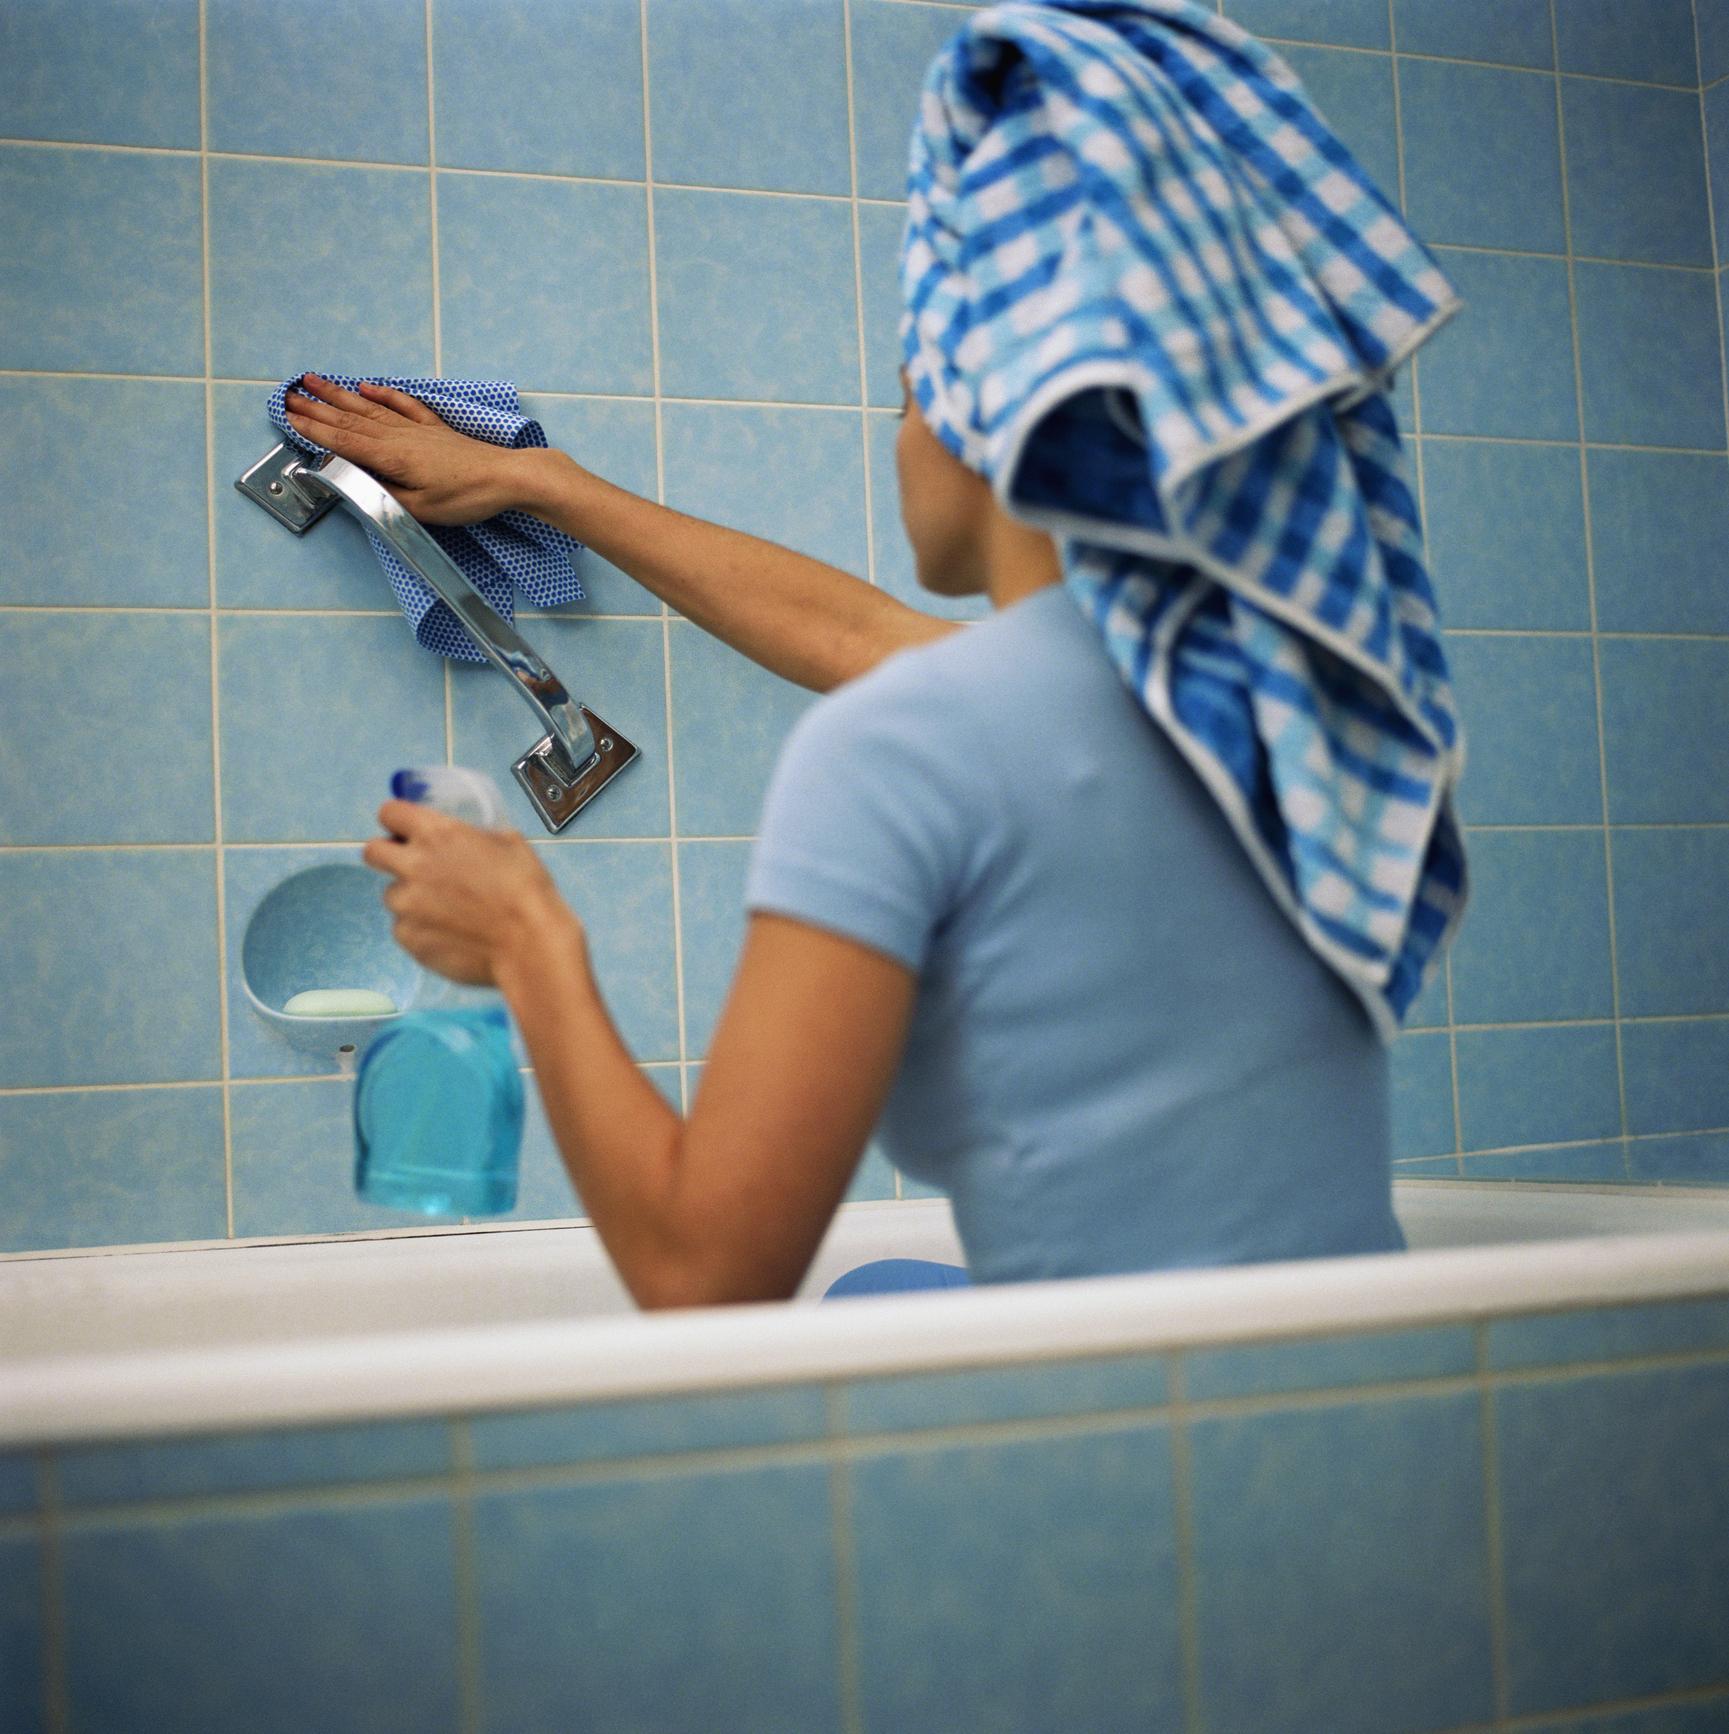 Astuces De Nettoyage Des Joints De Carrelage concernant Comment Nettoyer Des Joints De Salle De Bain